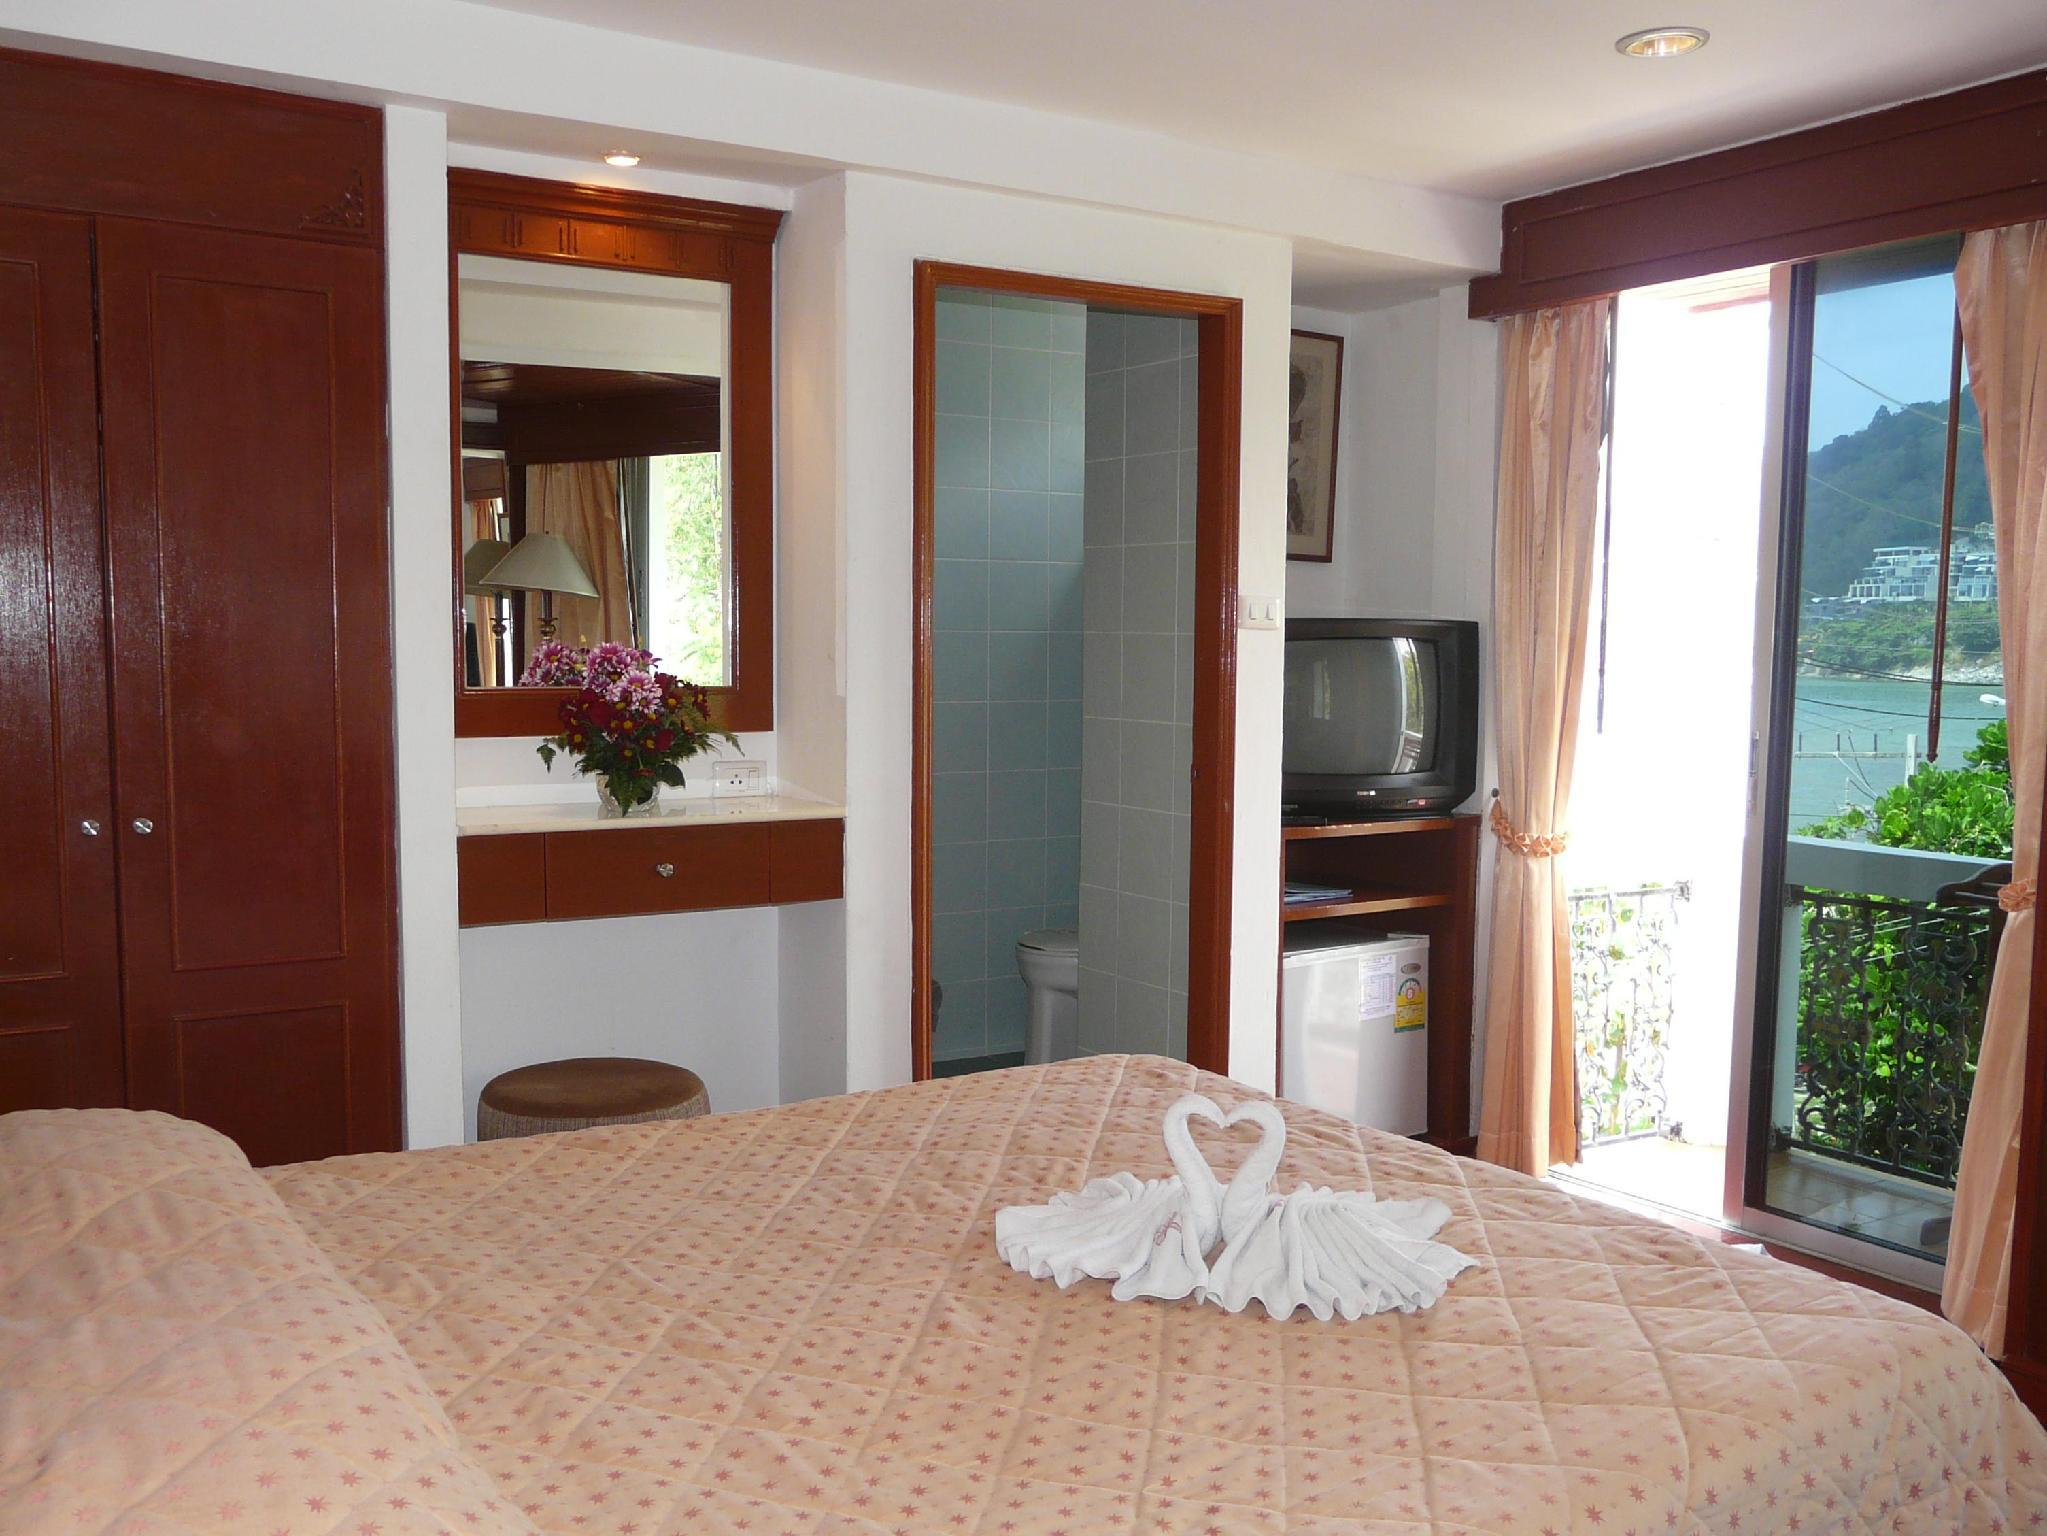 The Orchid Hotel Kalim Bay โรงแรมออร์คิด กะหลิม เบย์